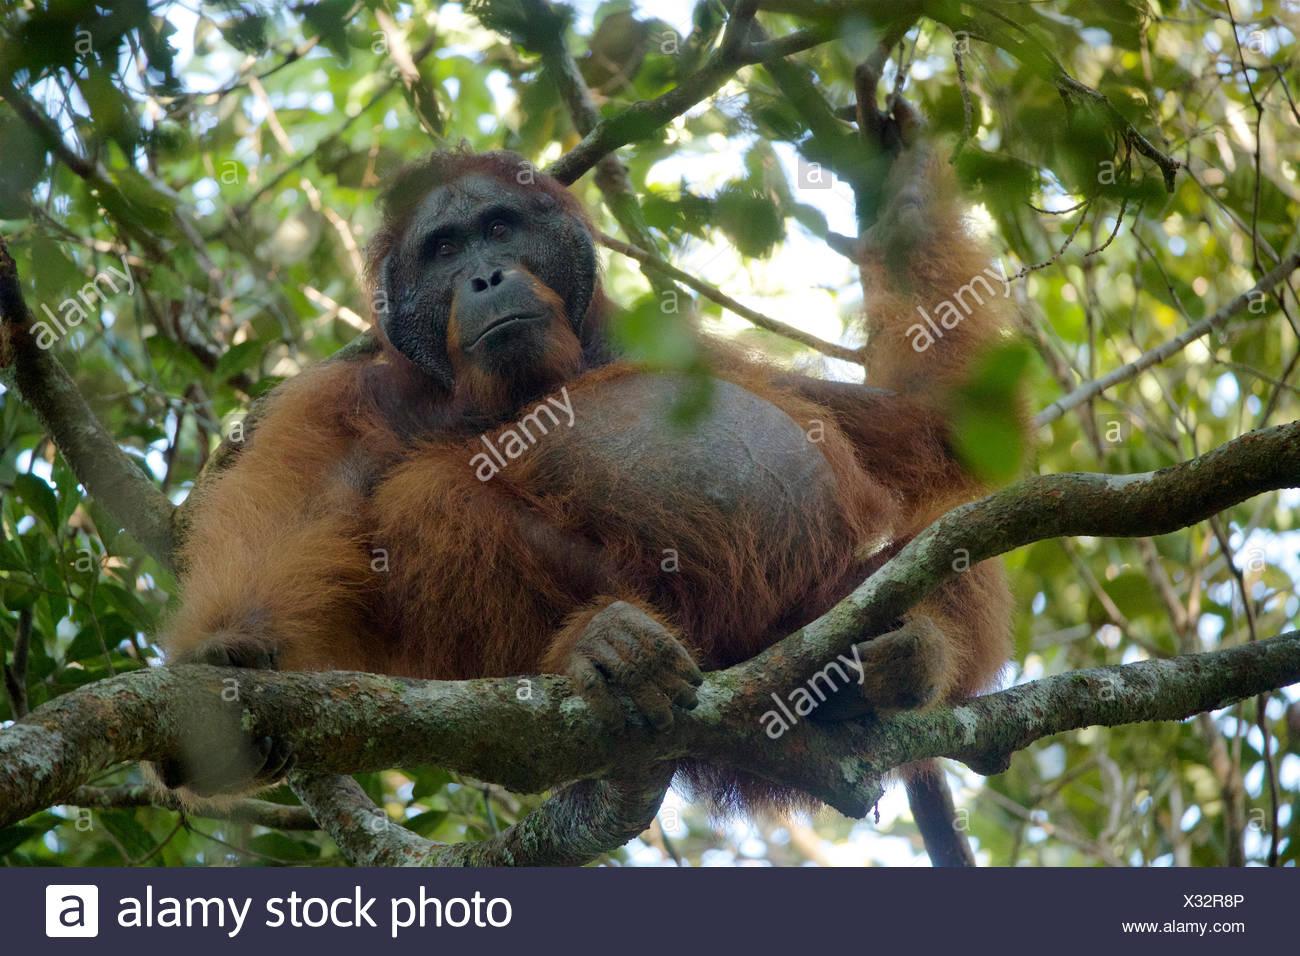 Eine Erwachsene männliche Bornean Orangutan, Pongo Pygmaeus Wurmbii, ruht auf einem Ast im Gunung Palung Nationalpark. Stockbild